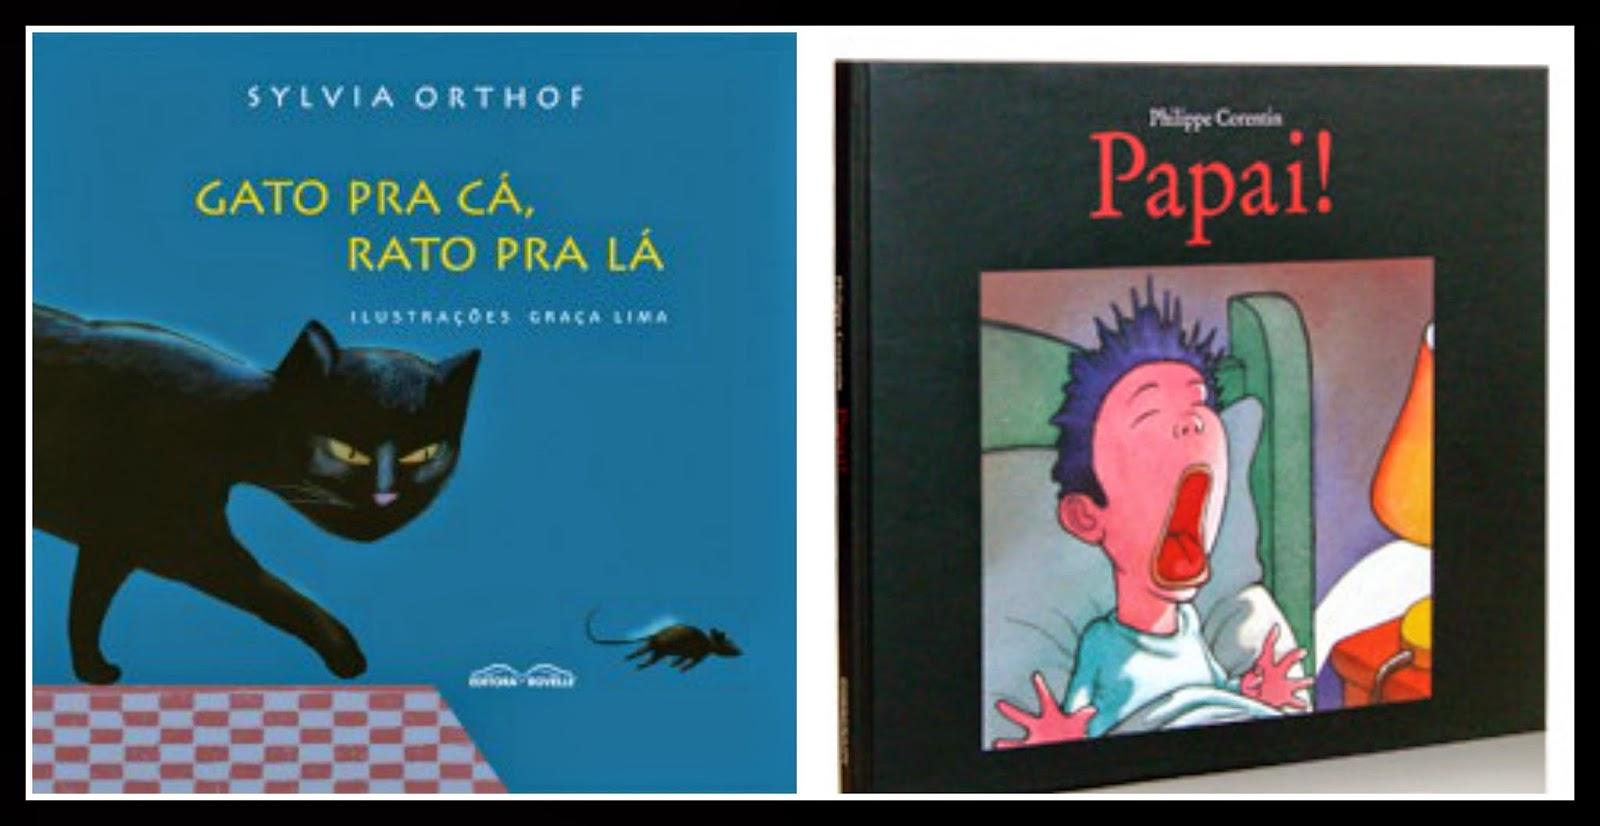 Coleção Itaú de Livros Infantis Grátis 2014